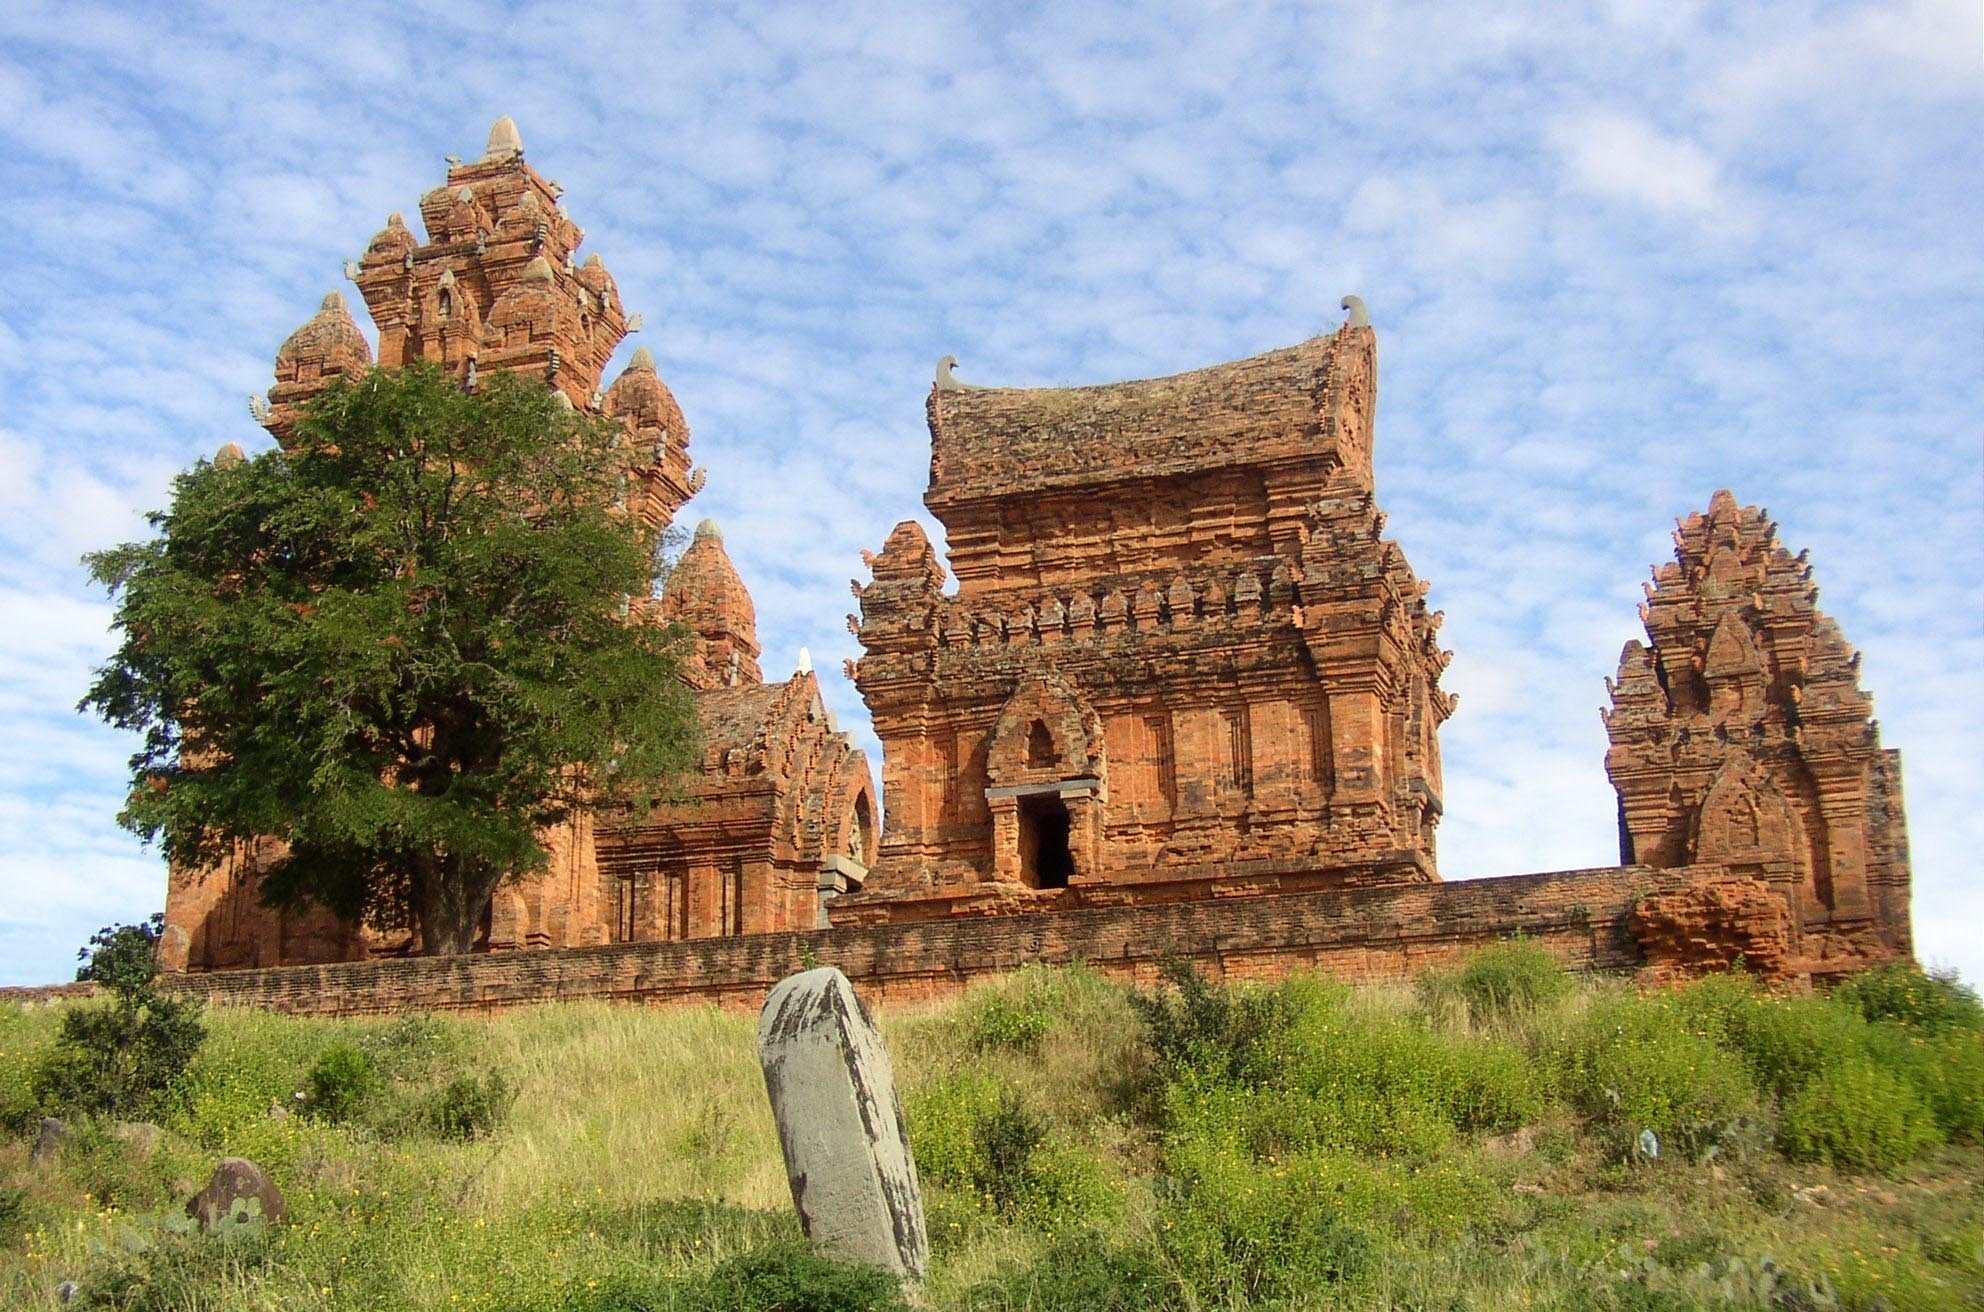 Kết quả hình ảnh cho Poklong Garai Temple